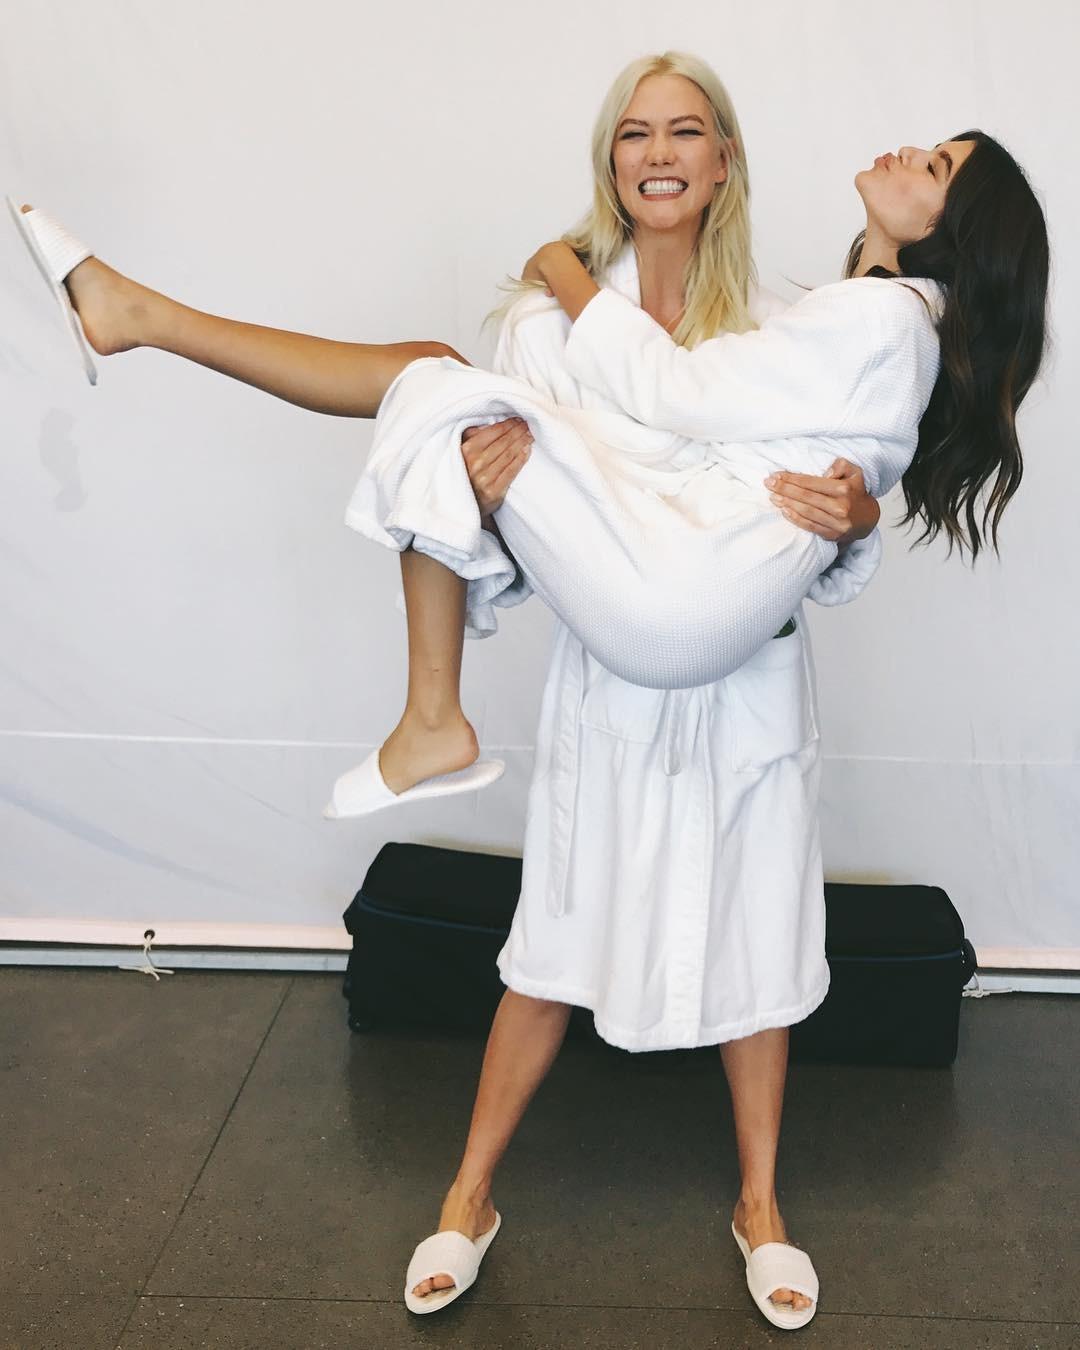 Kaia Geber e Karlie Kloss (Foto: Reprodução/ Instagram)